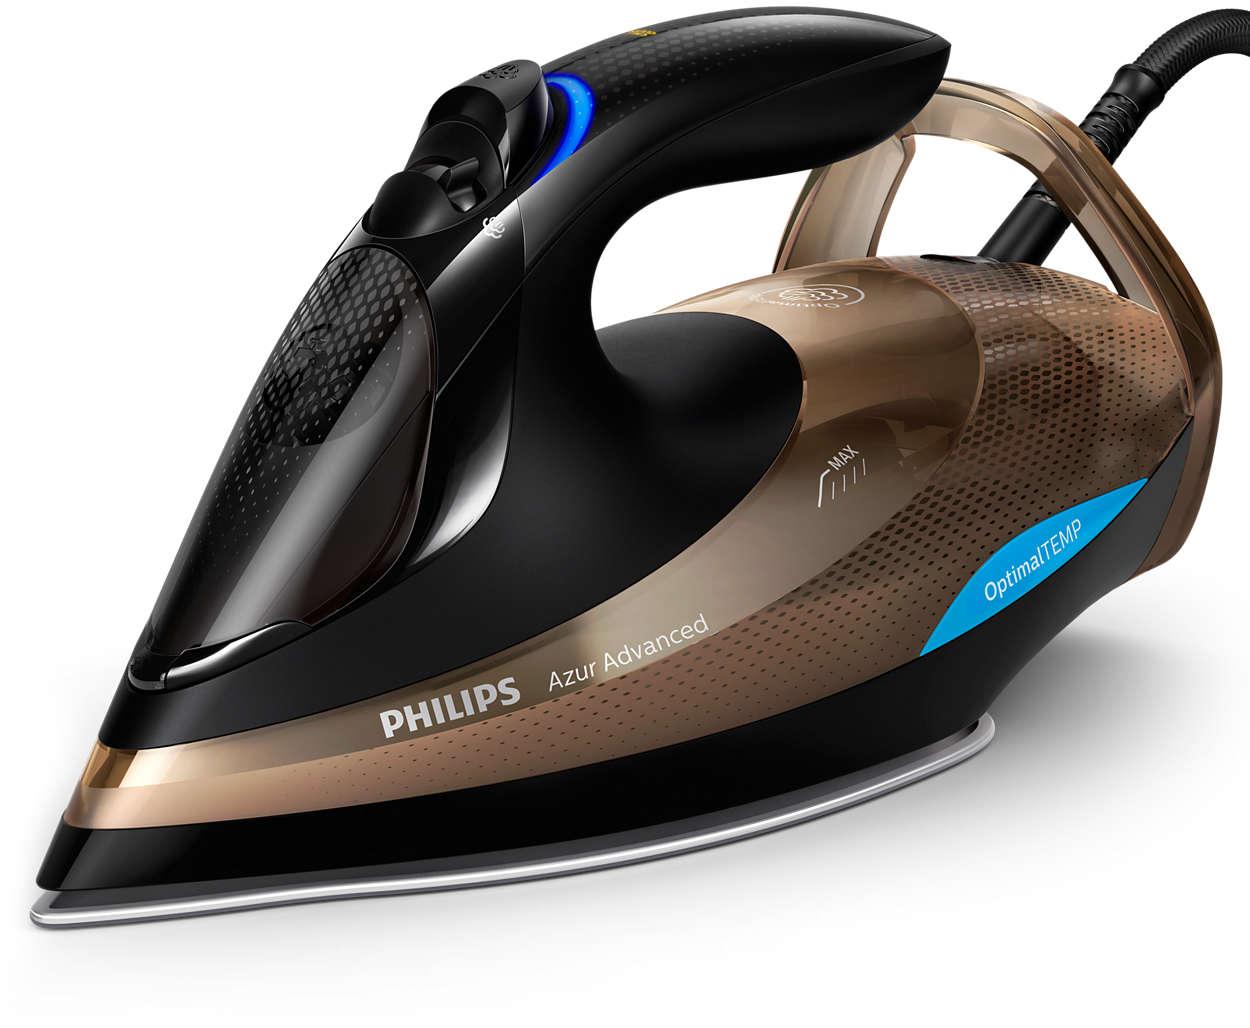 Утюг Philips GC 4939/00 Azur Advanced